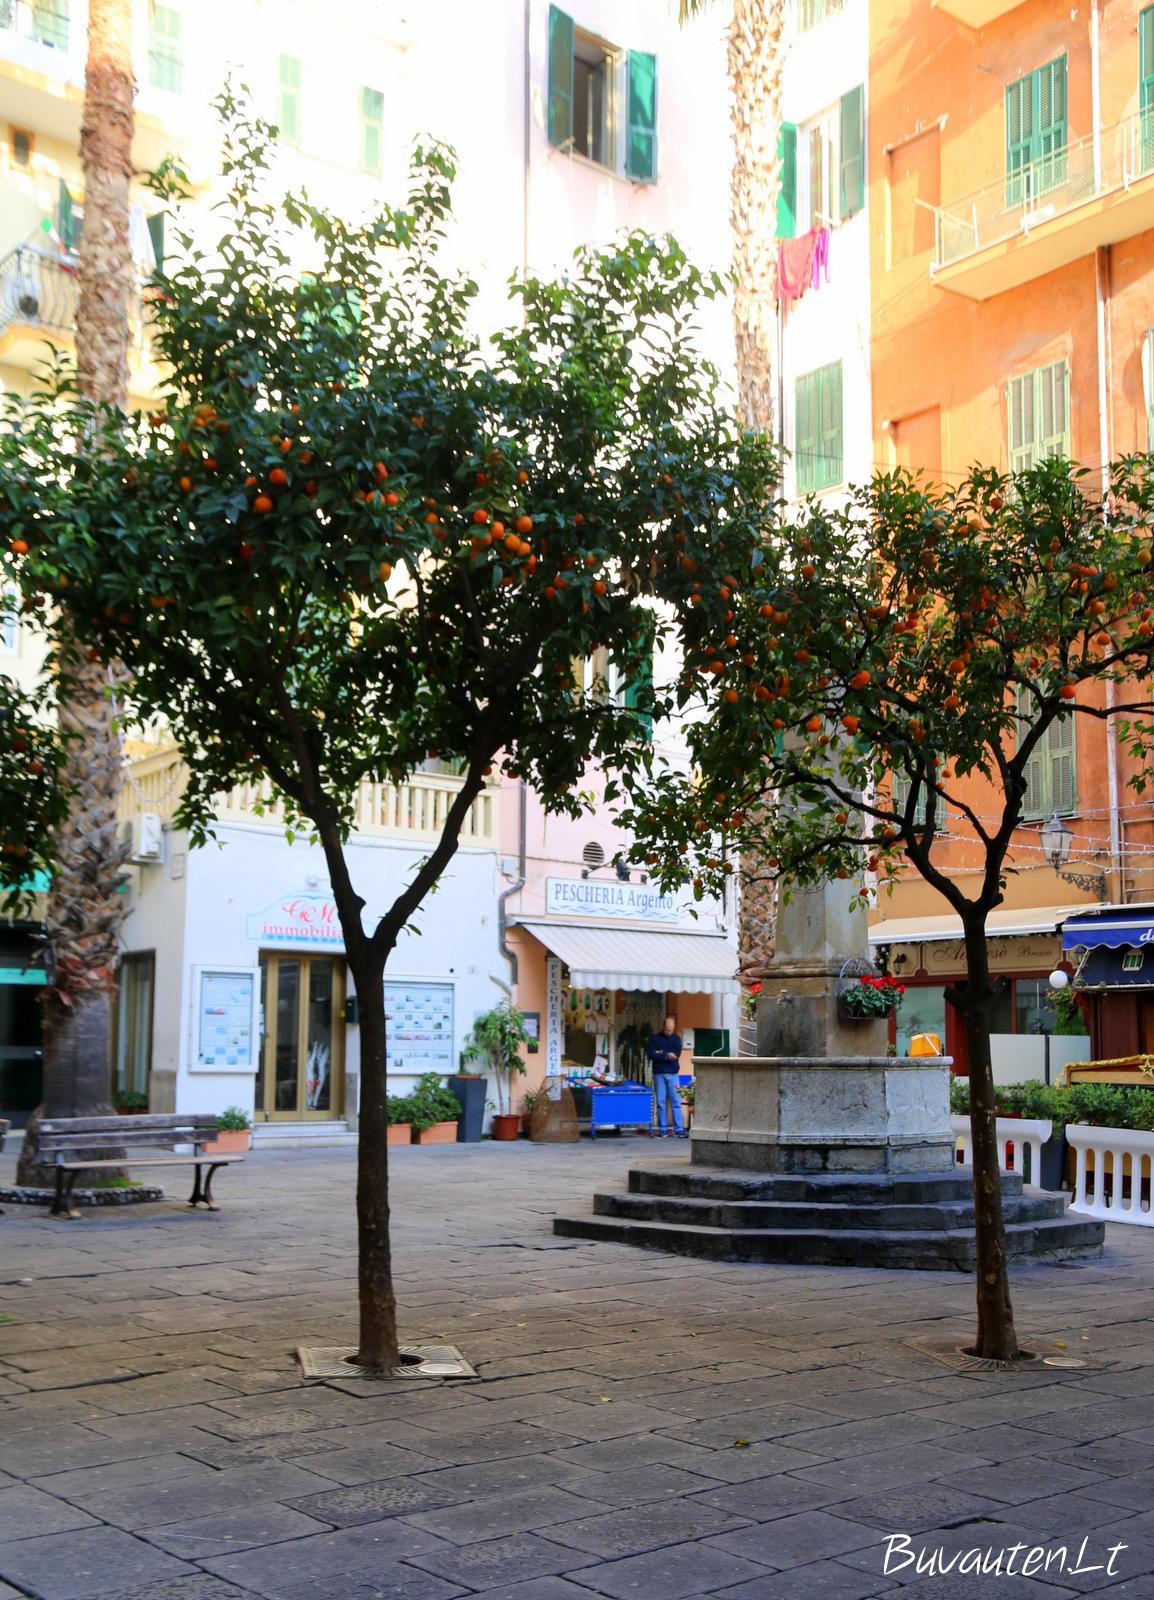 Apsnūdęs rytinis Sanremo senamiestis